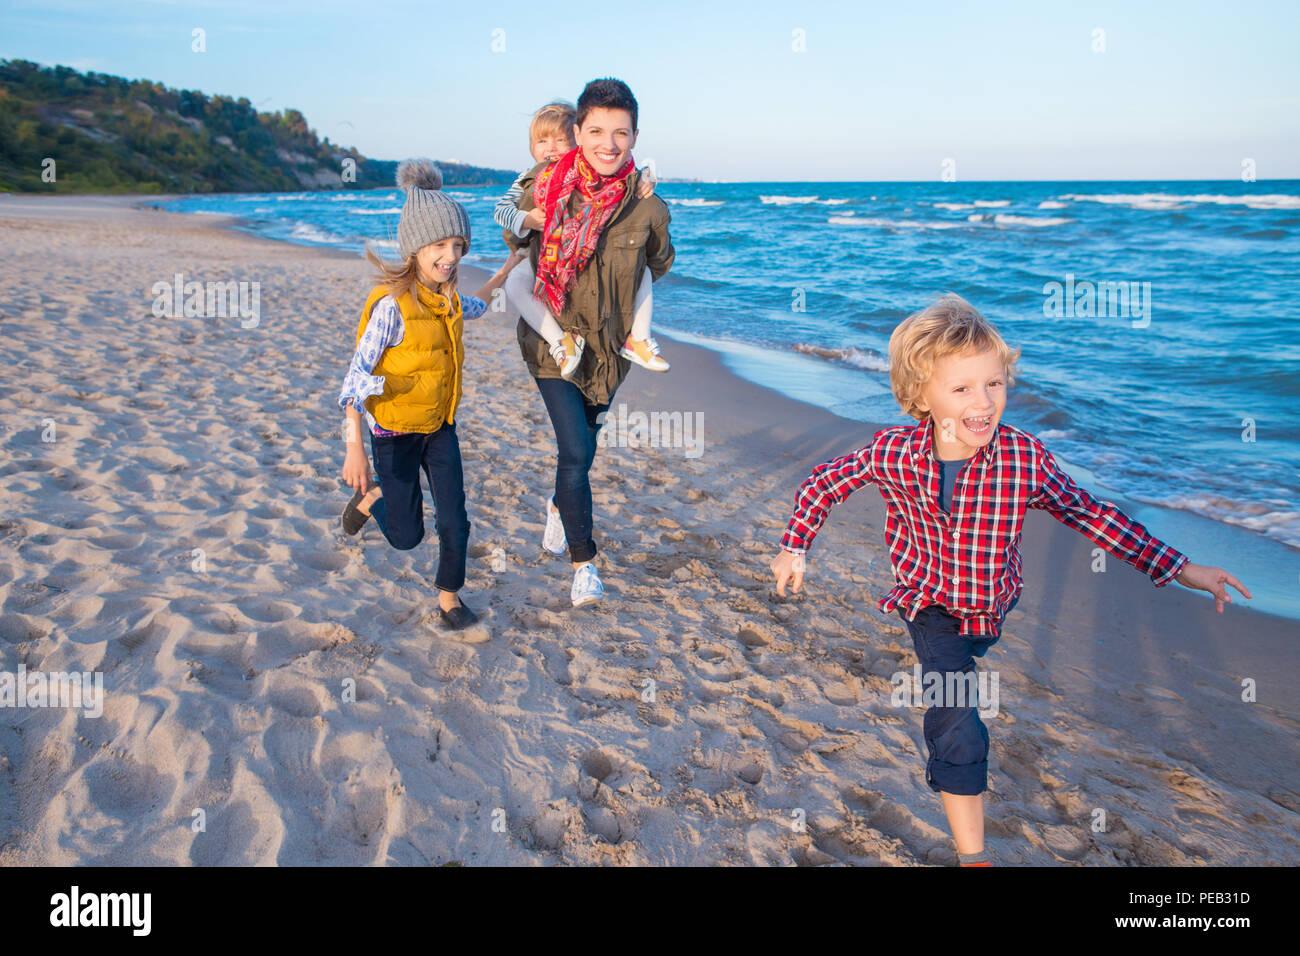 Foto Divertenti Bambini Al Mare ritratto di gruppo di tre divertenti ridere sorridente